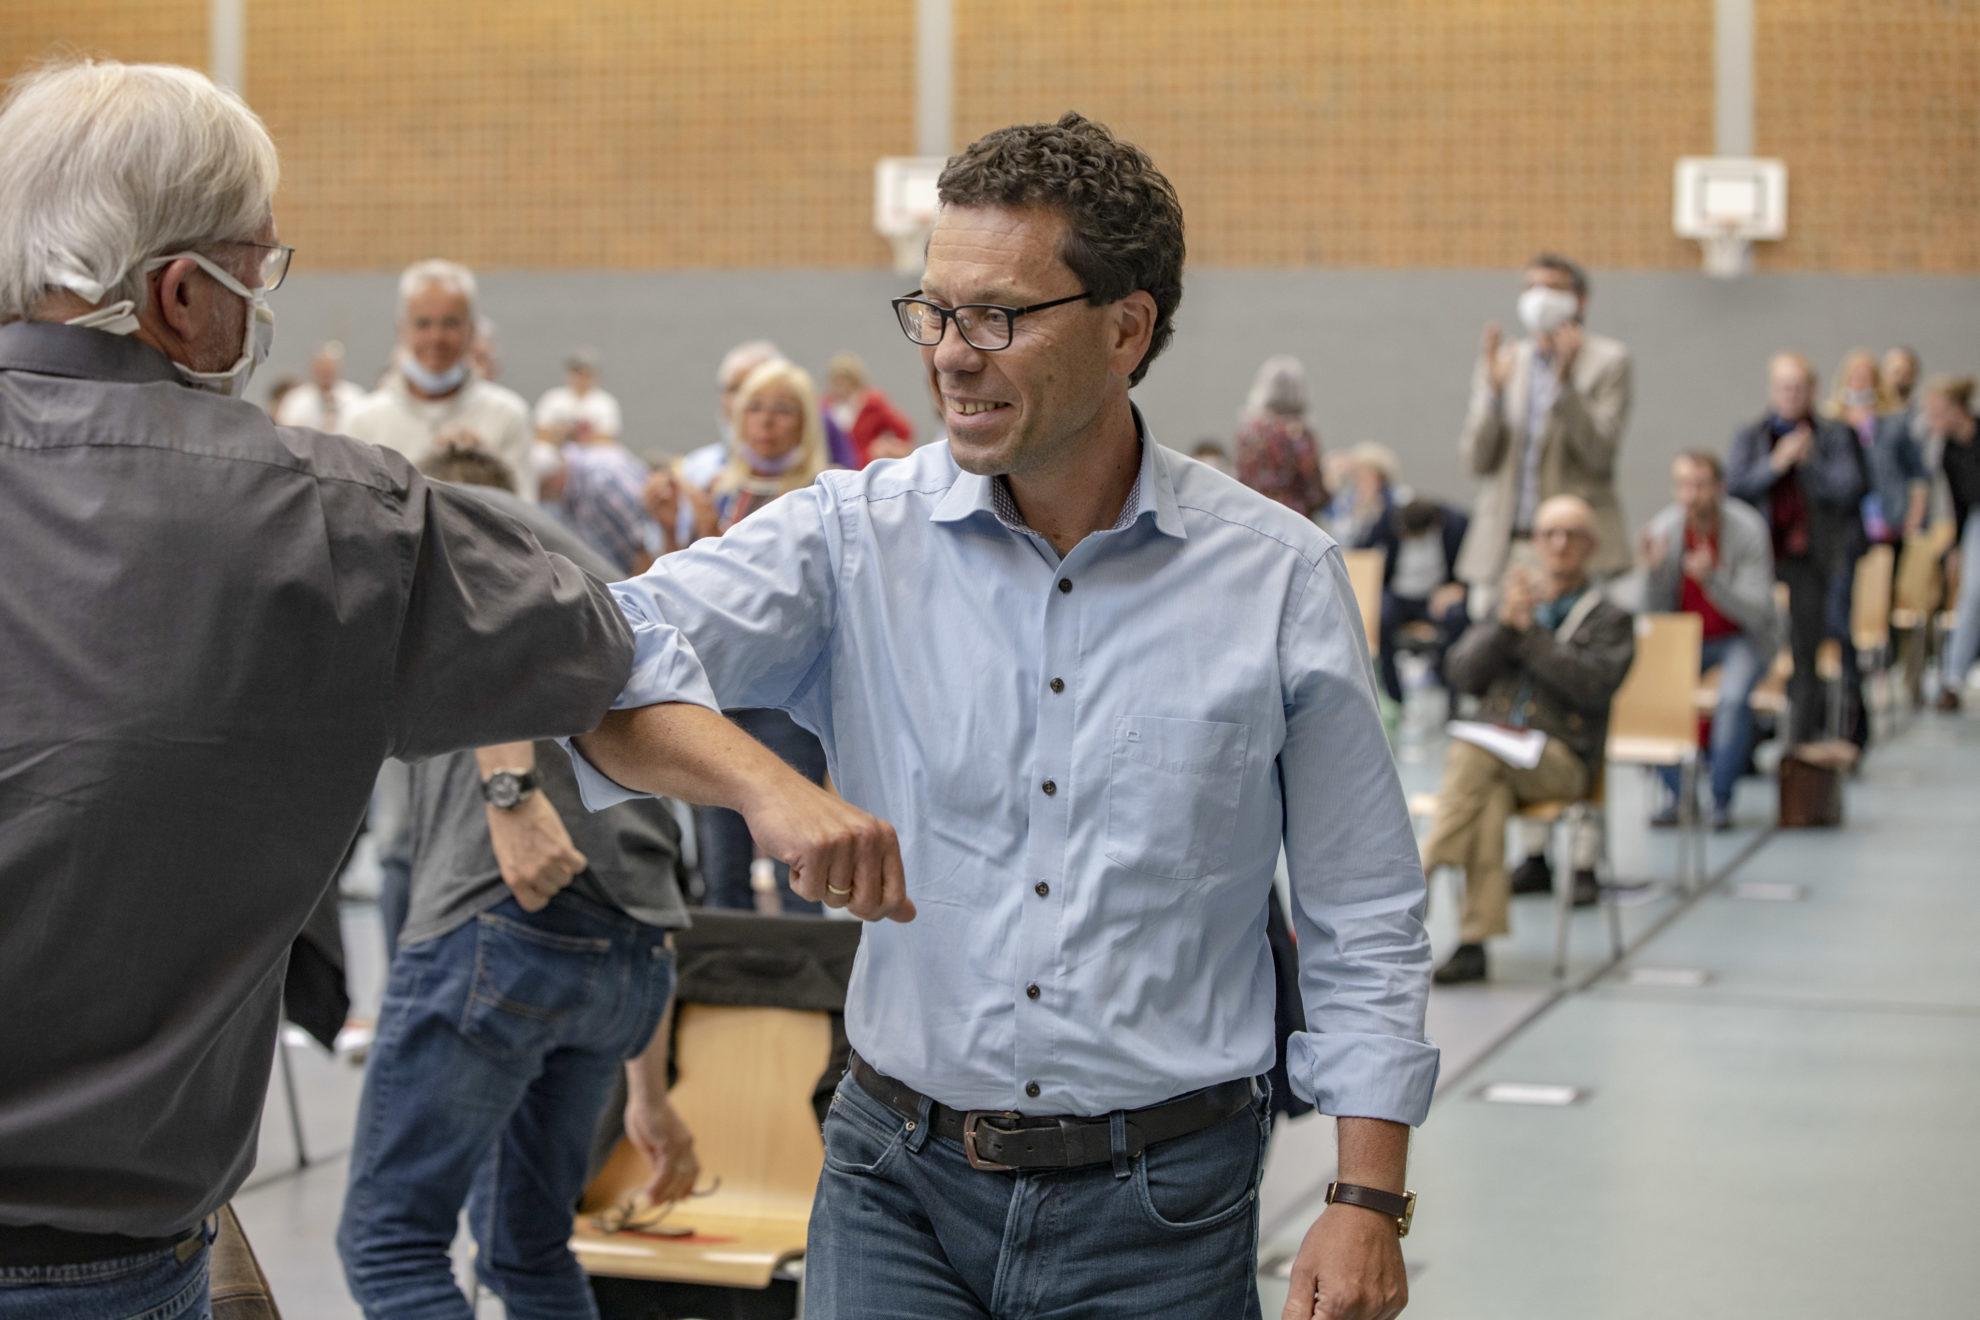 Dierk erhält von Ingpeer Meyer eine Gratulationsgeste per Ellbogen